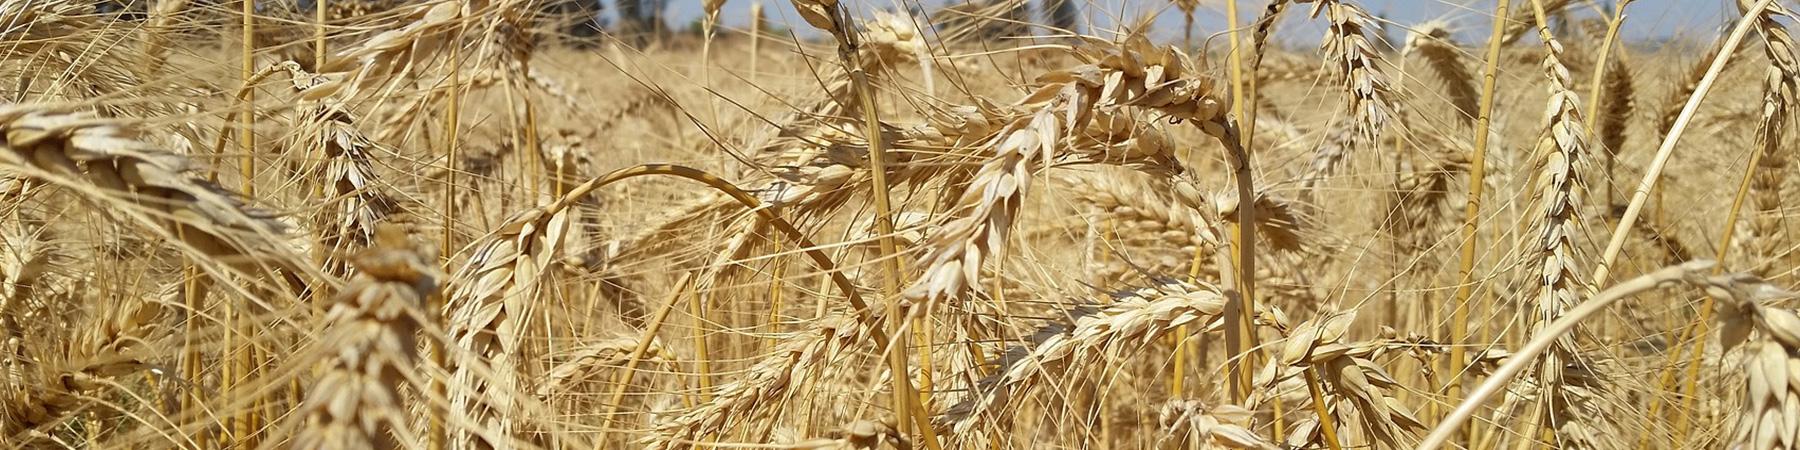 Cereales: Trigo, Maíz y Girasol - Productos Las Marismas de Lebrija